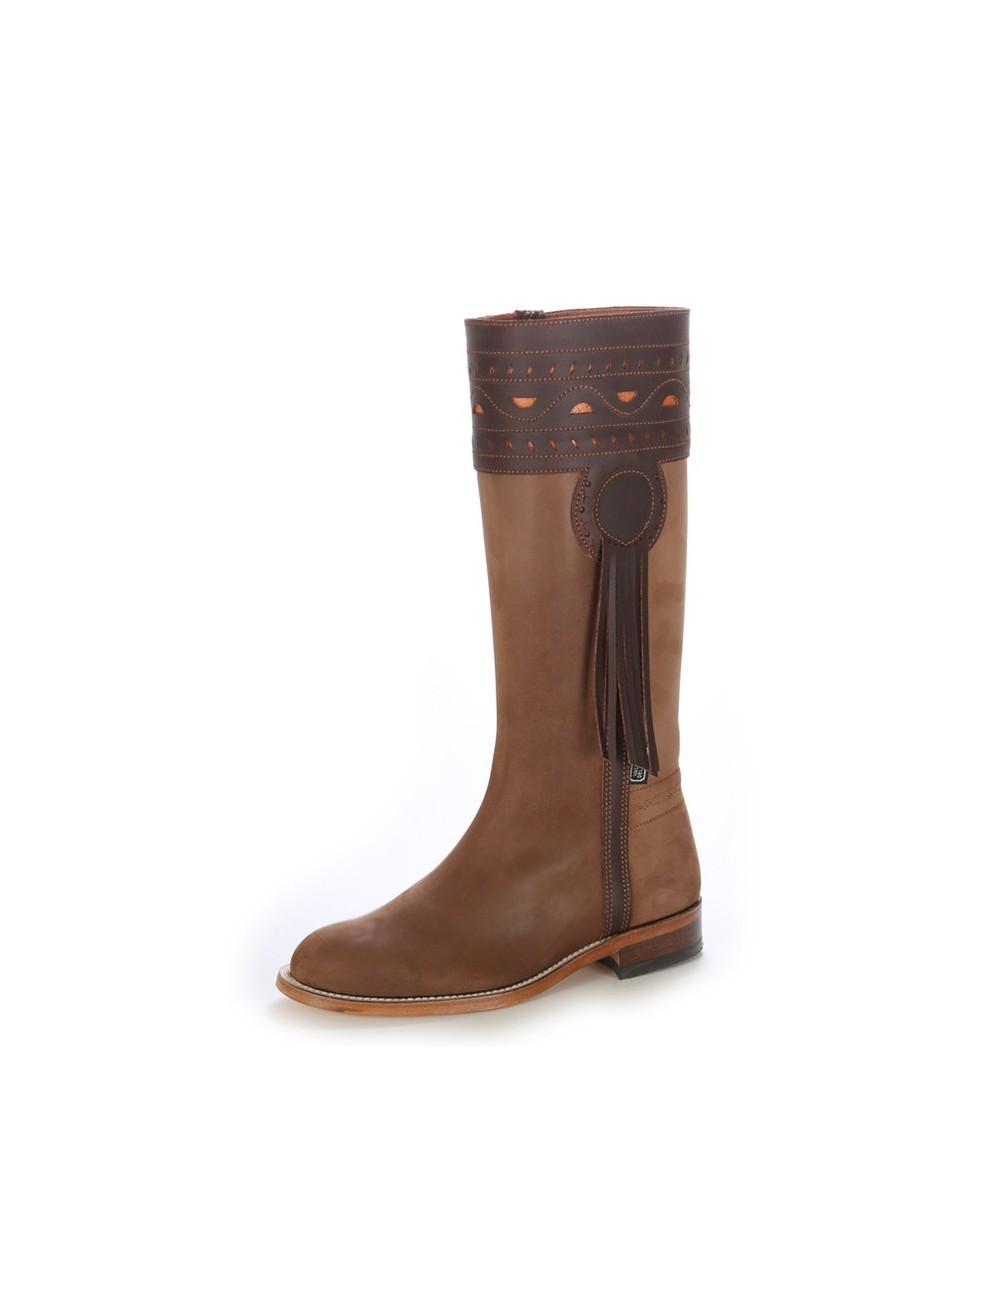 Bottes cavalières - Botte campera nubuck beige et cuir marron